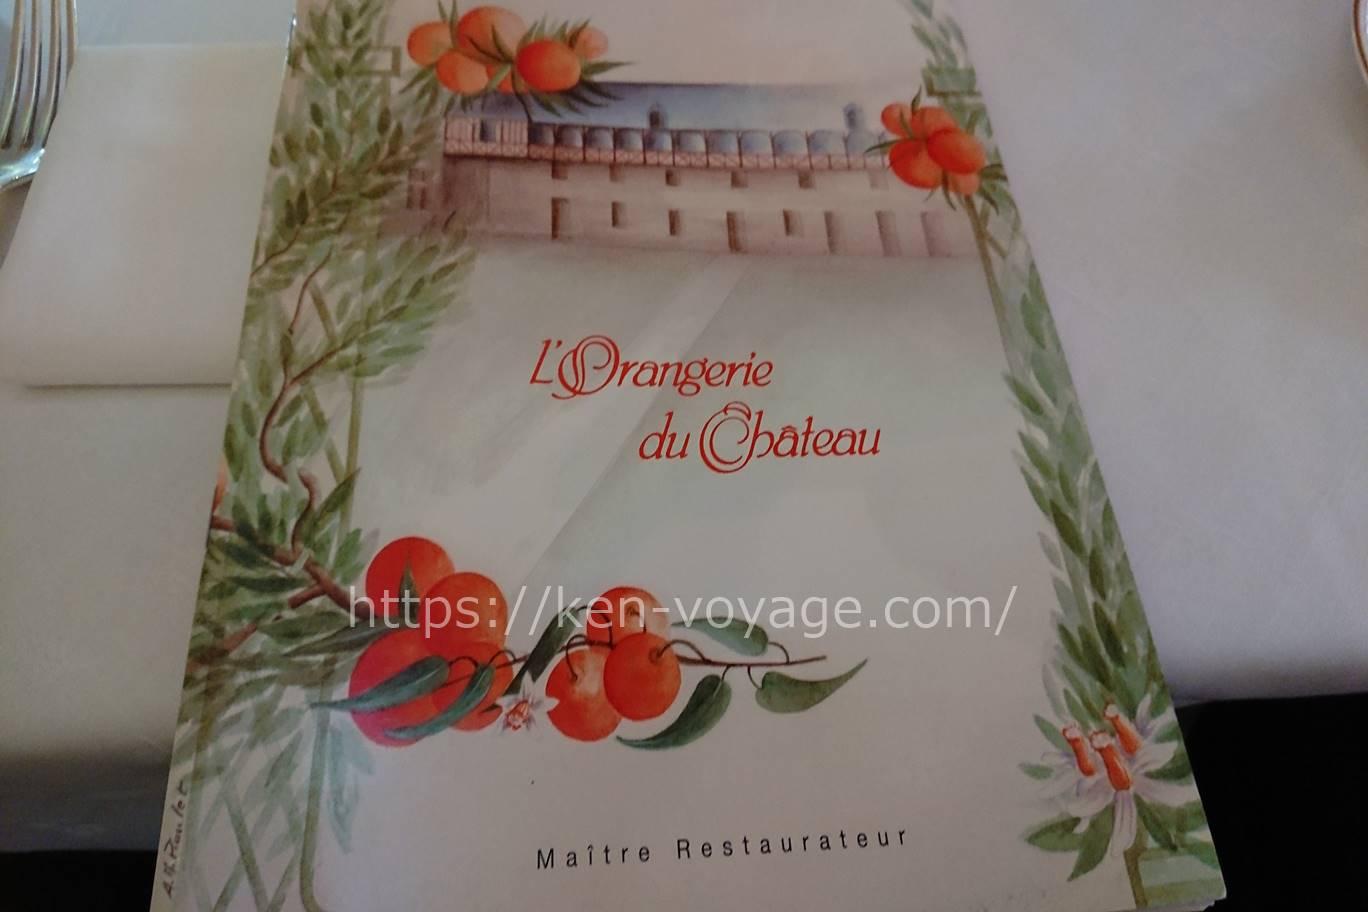 Restaurant l'Orangerie du Château Menus